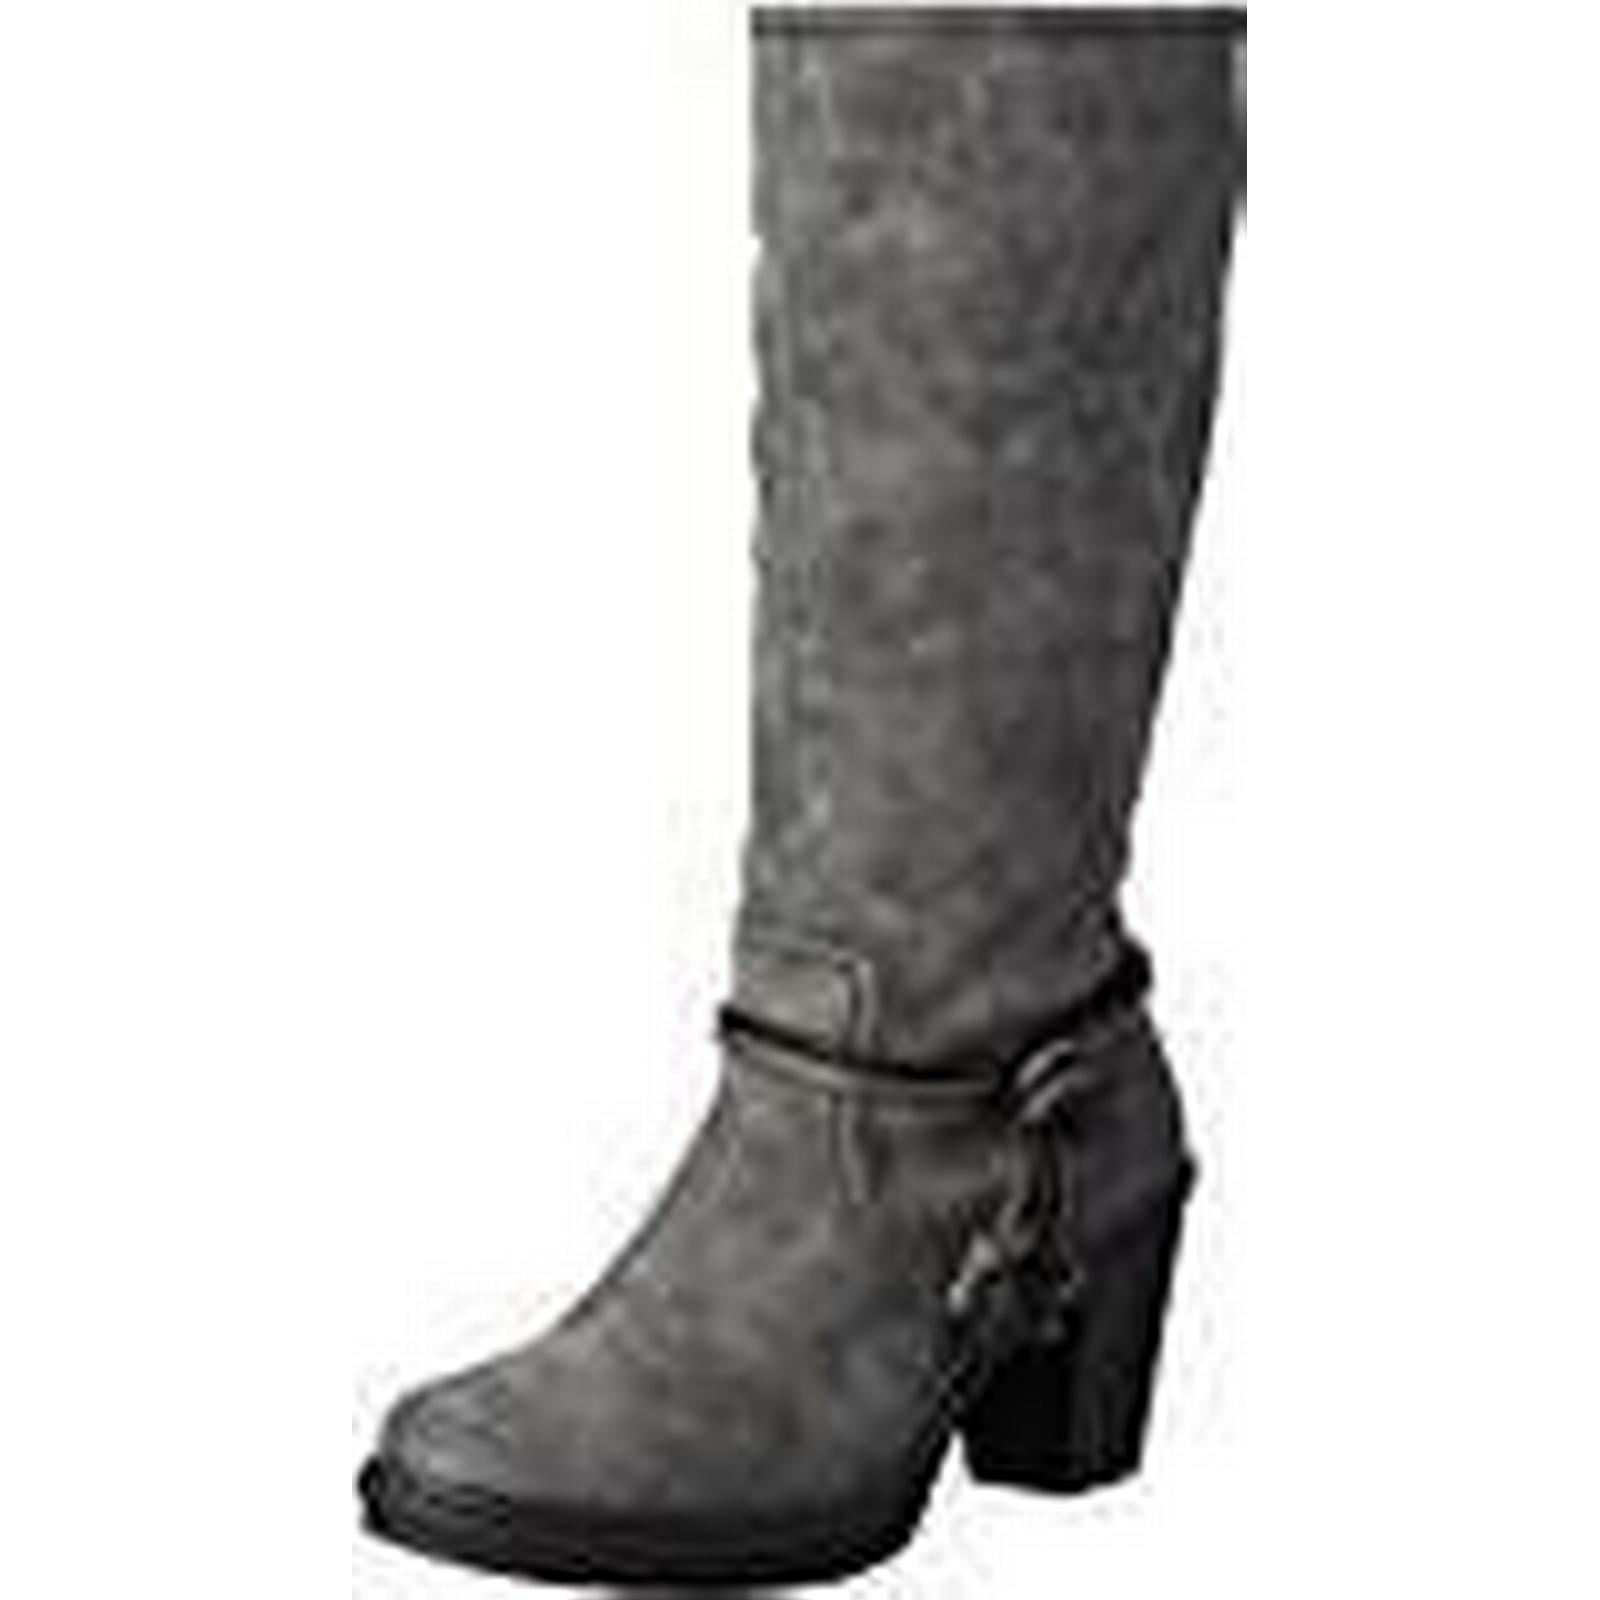 Rieker Women's Grey Y1594 Long Boots, Grey Women's (Smoke/45), 6 UK 9d3dff